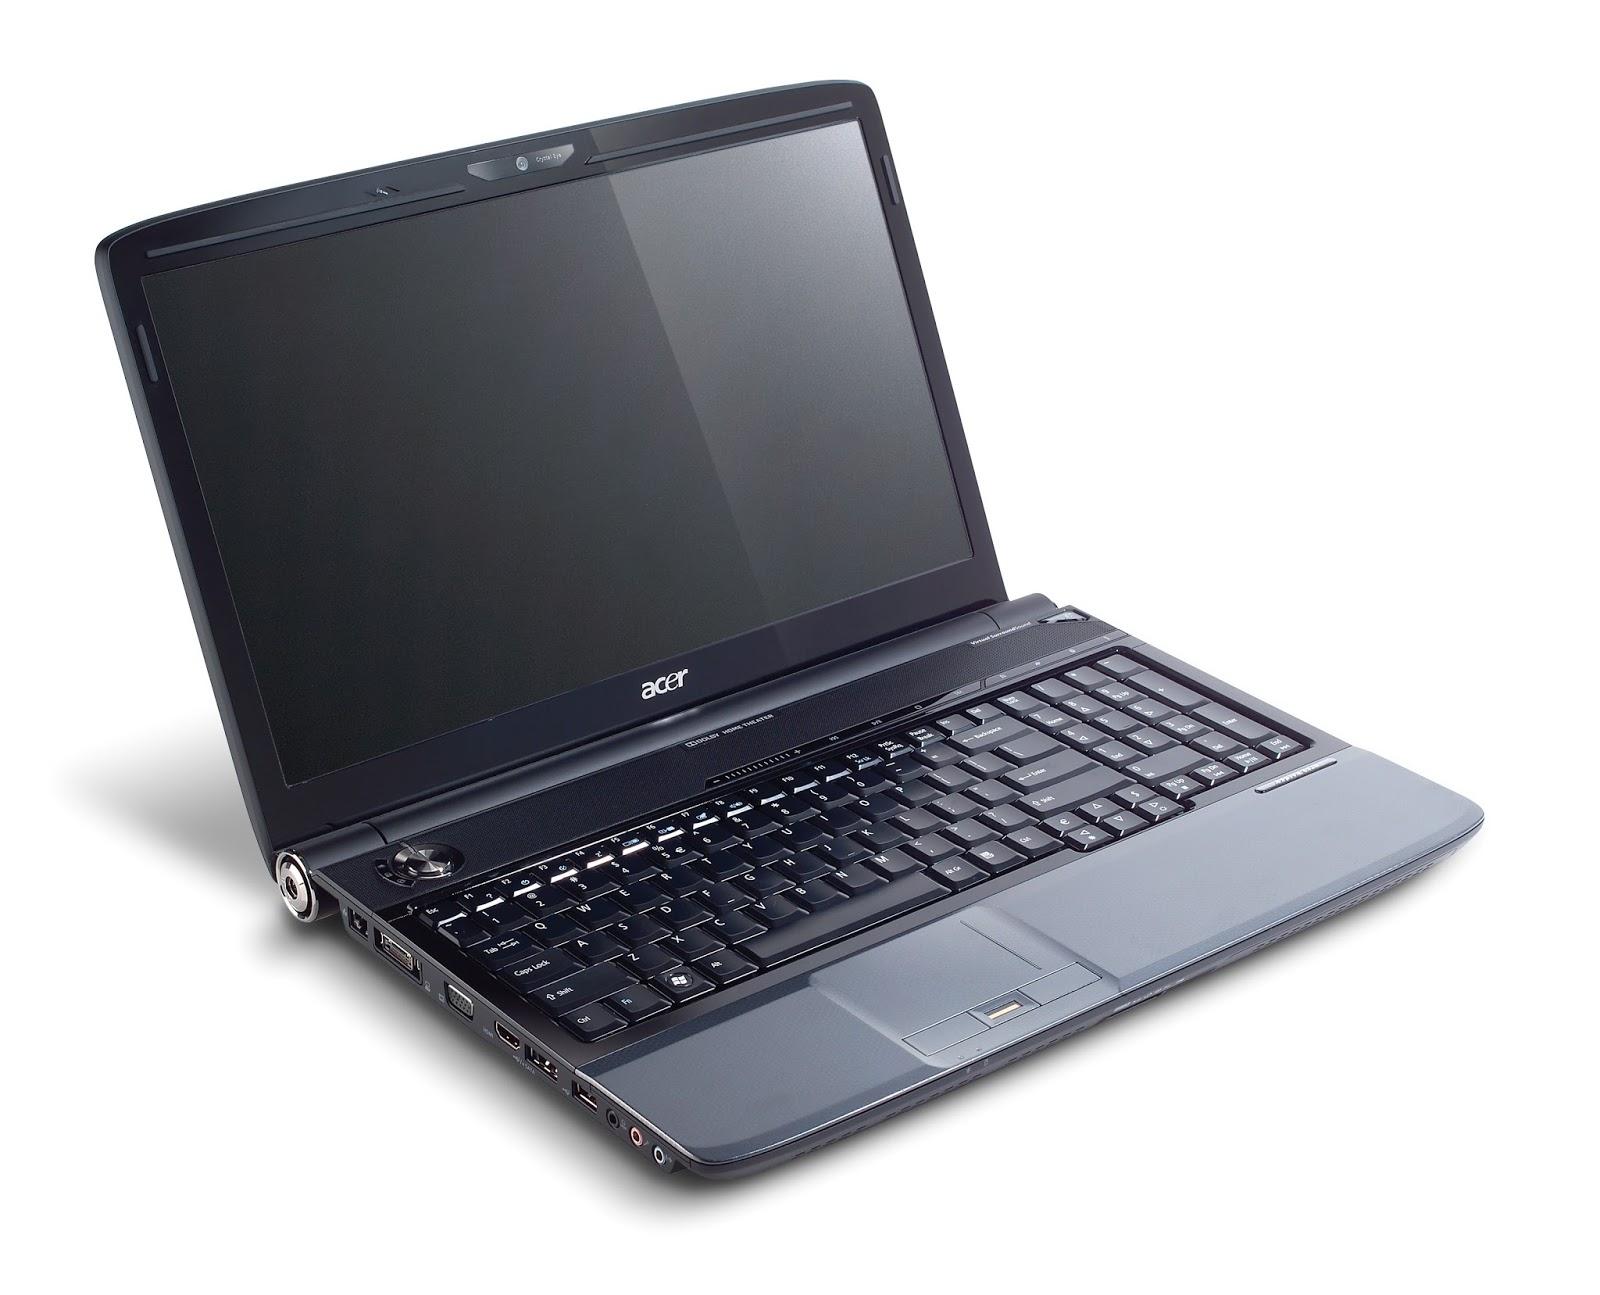 Скачать драйвера на ноутбук асер аспире 7560g